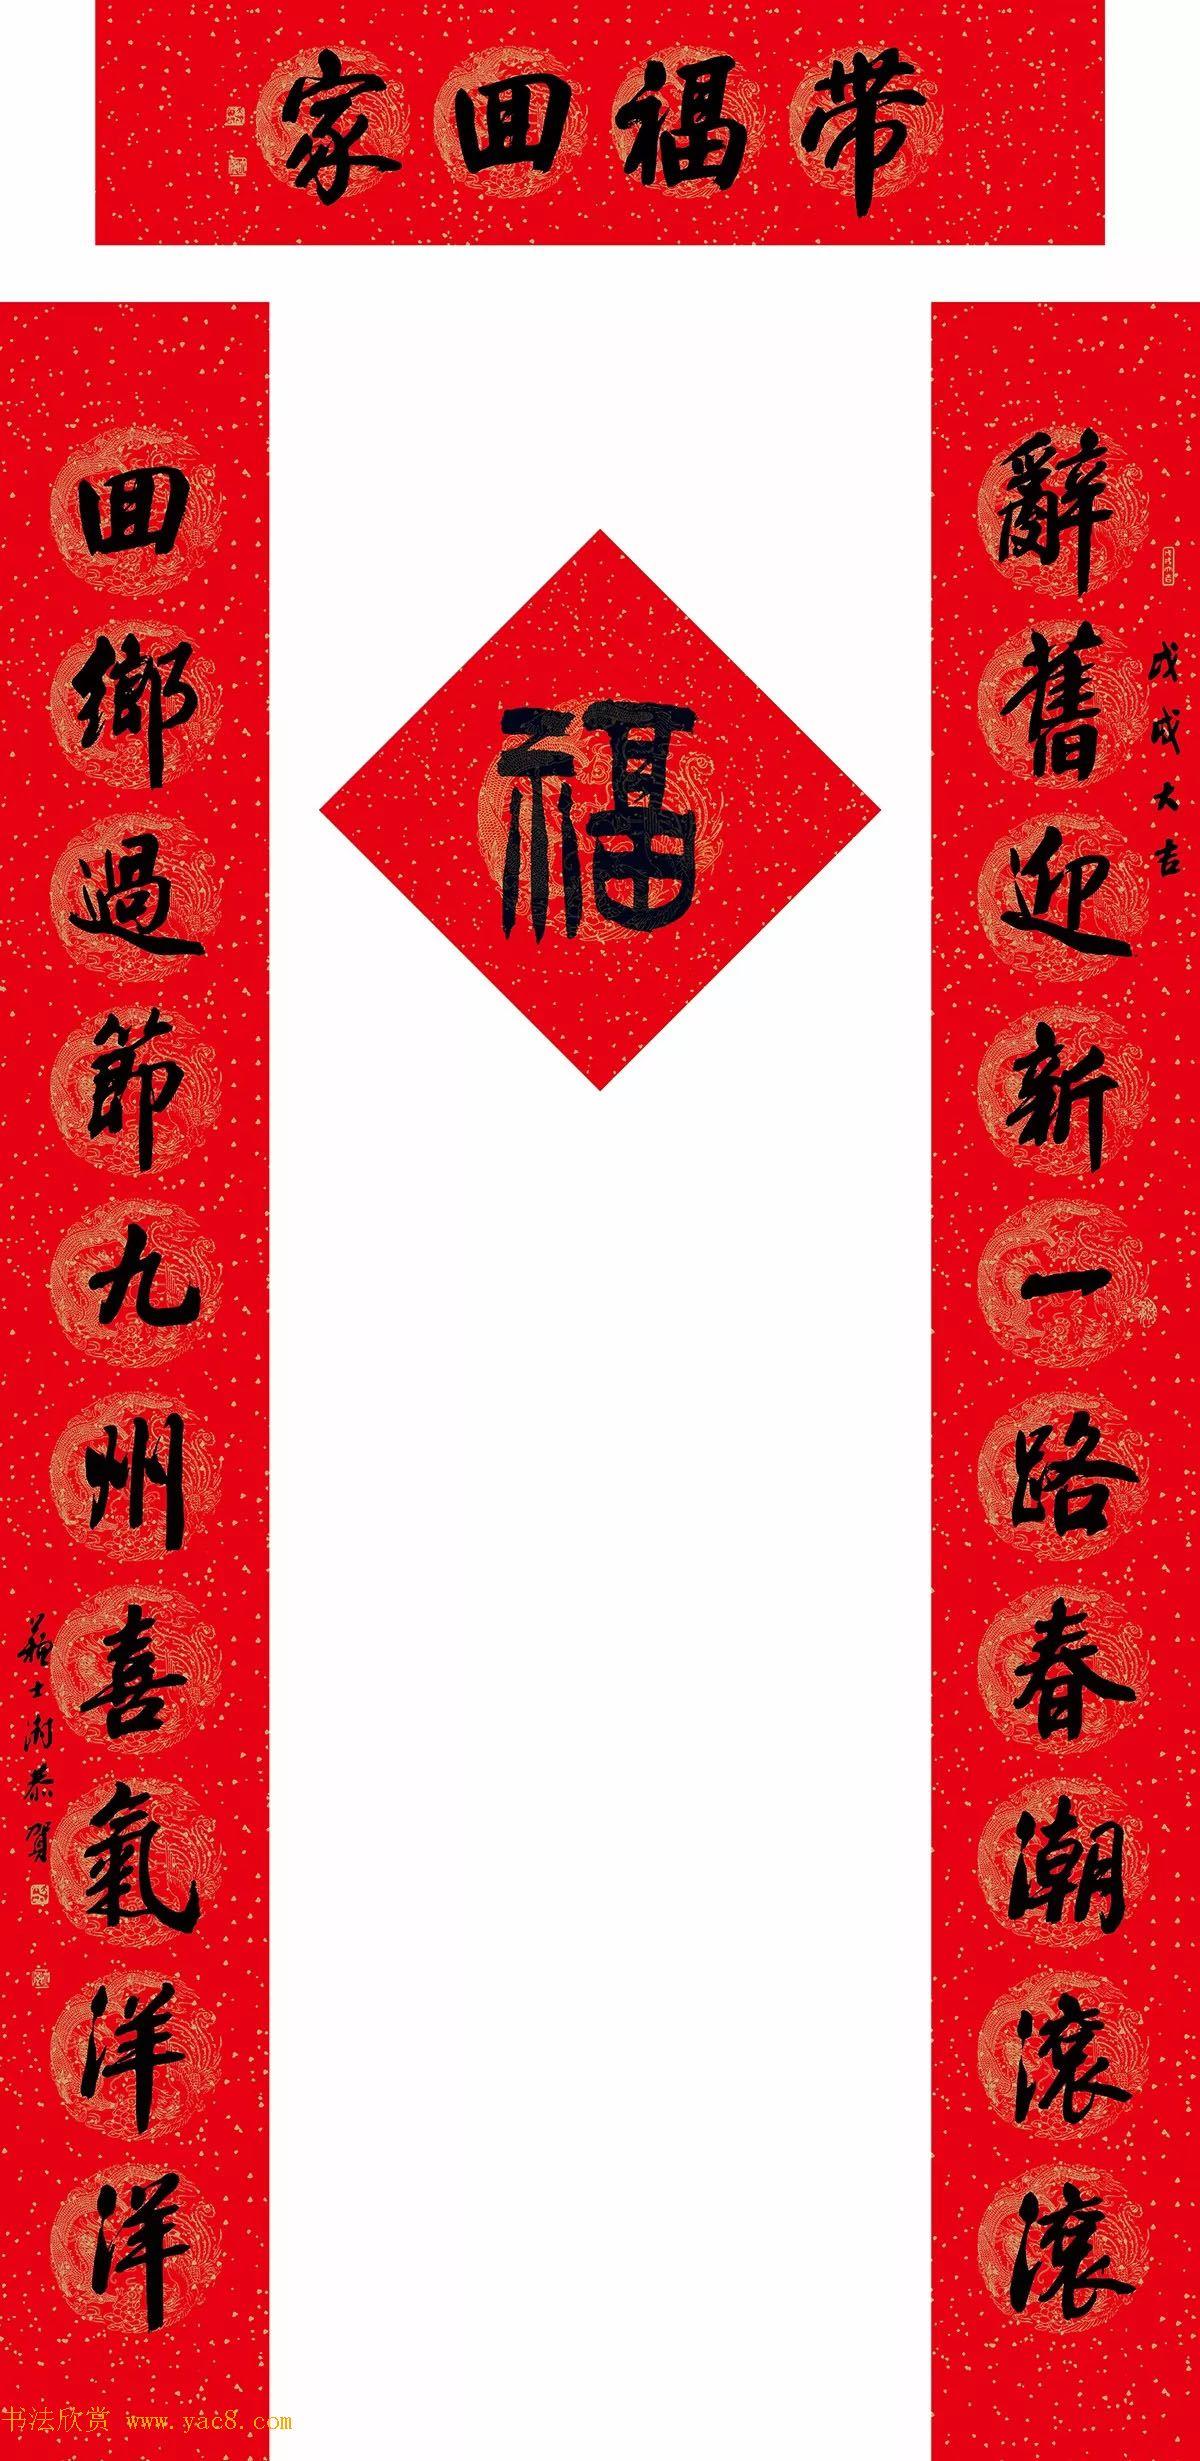 中国书协主席苏士澍春联作品欣赏